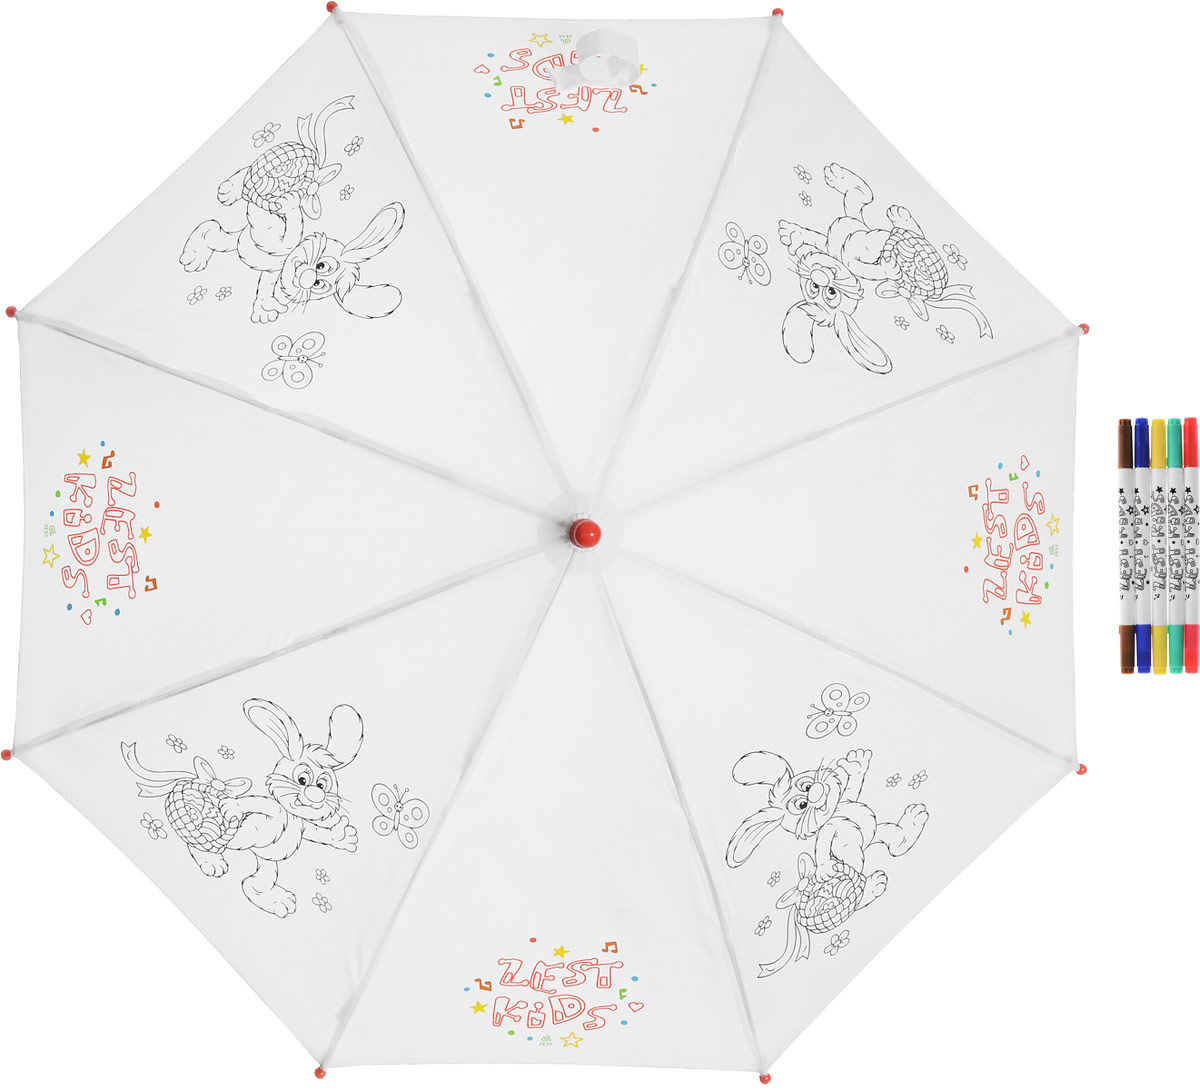 Зонт-трость детский Zest механический, цвет: белый. 21581-253CX1516-50-10Детский зонт-трость для раскрашивания Zest выполнен из металла и пластика, оформлен силуэтами картинок. Картинки малыш сможет раскрасить самостоятельно фломастерами, входящими в комплект.Каркас зонта выполнен из восьми спиц, стержень из стали. На концах спиц предусмотрены пластиковые элементы, которые защитят малыша от травм. Купол зонта изготовлен прочного полиэстера. Закрытый купол застегивается на липучку хлястиком. Практичная глянцевая рукоятка закругленной формы разработана с учетом требований эргономики и выполнена из пластика.